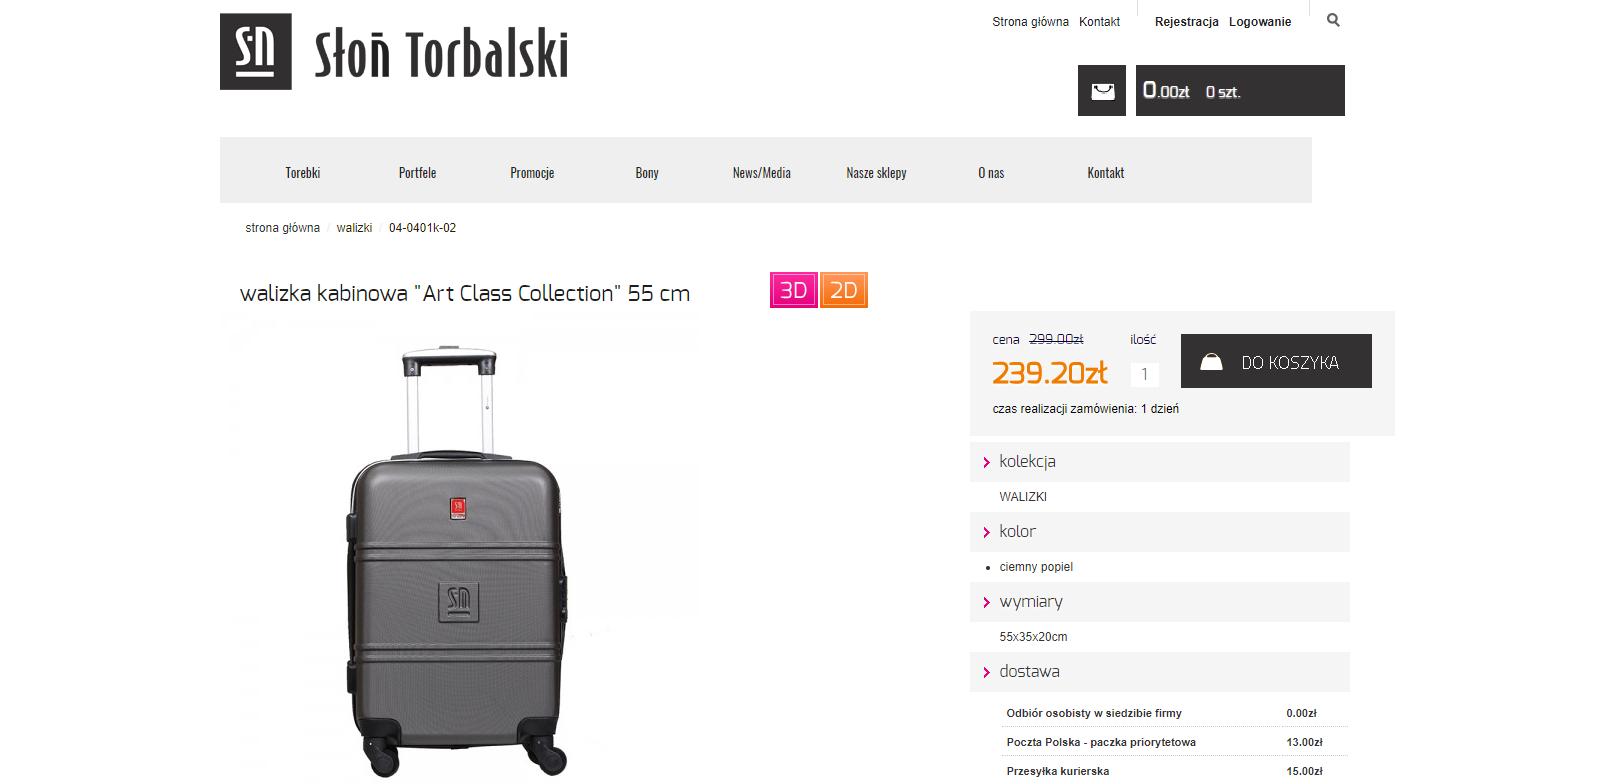 pomysł na prezent dla podróżnika - walizka kabinowa